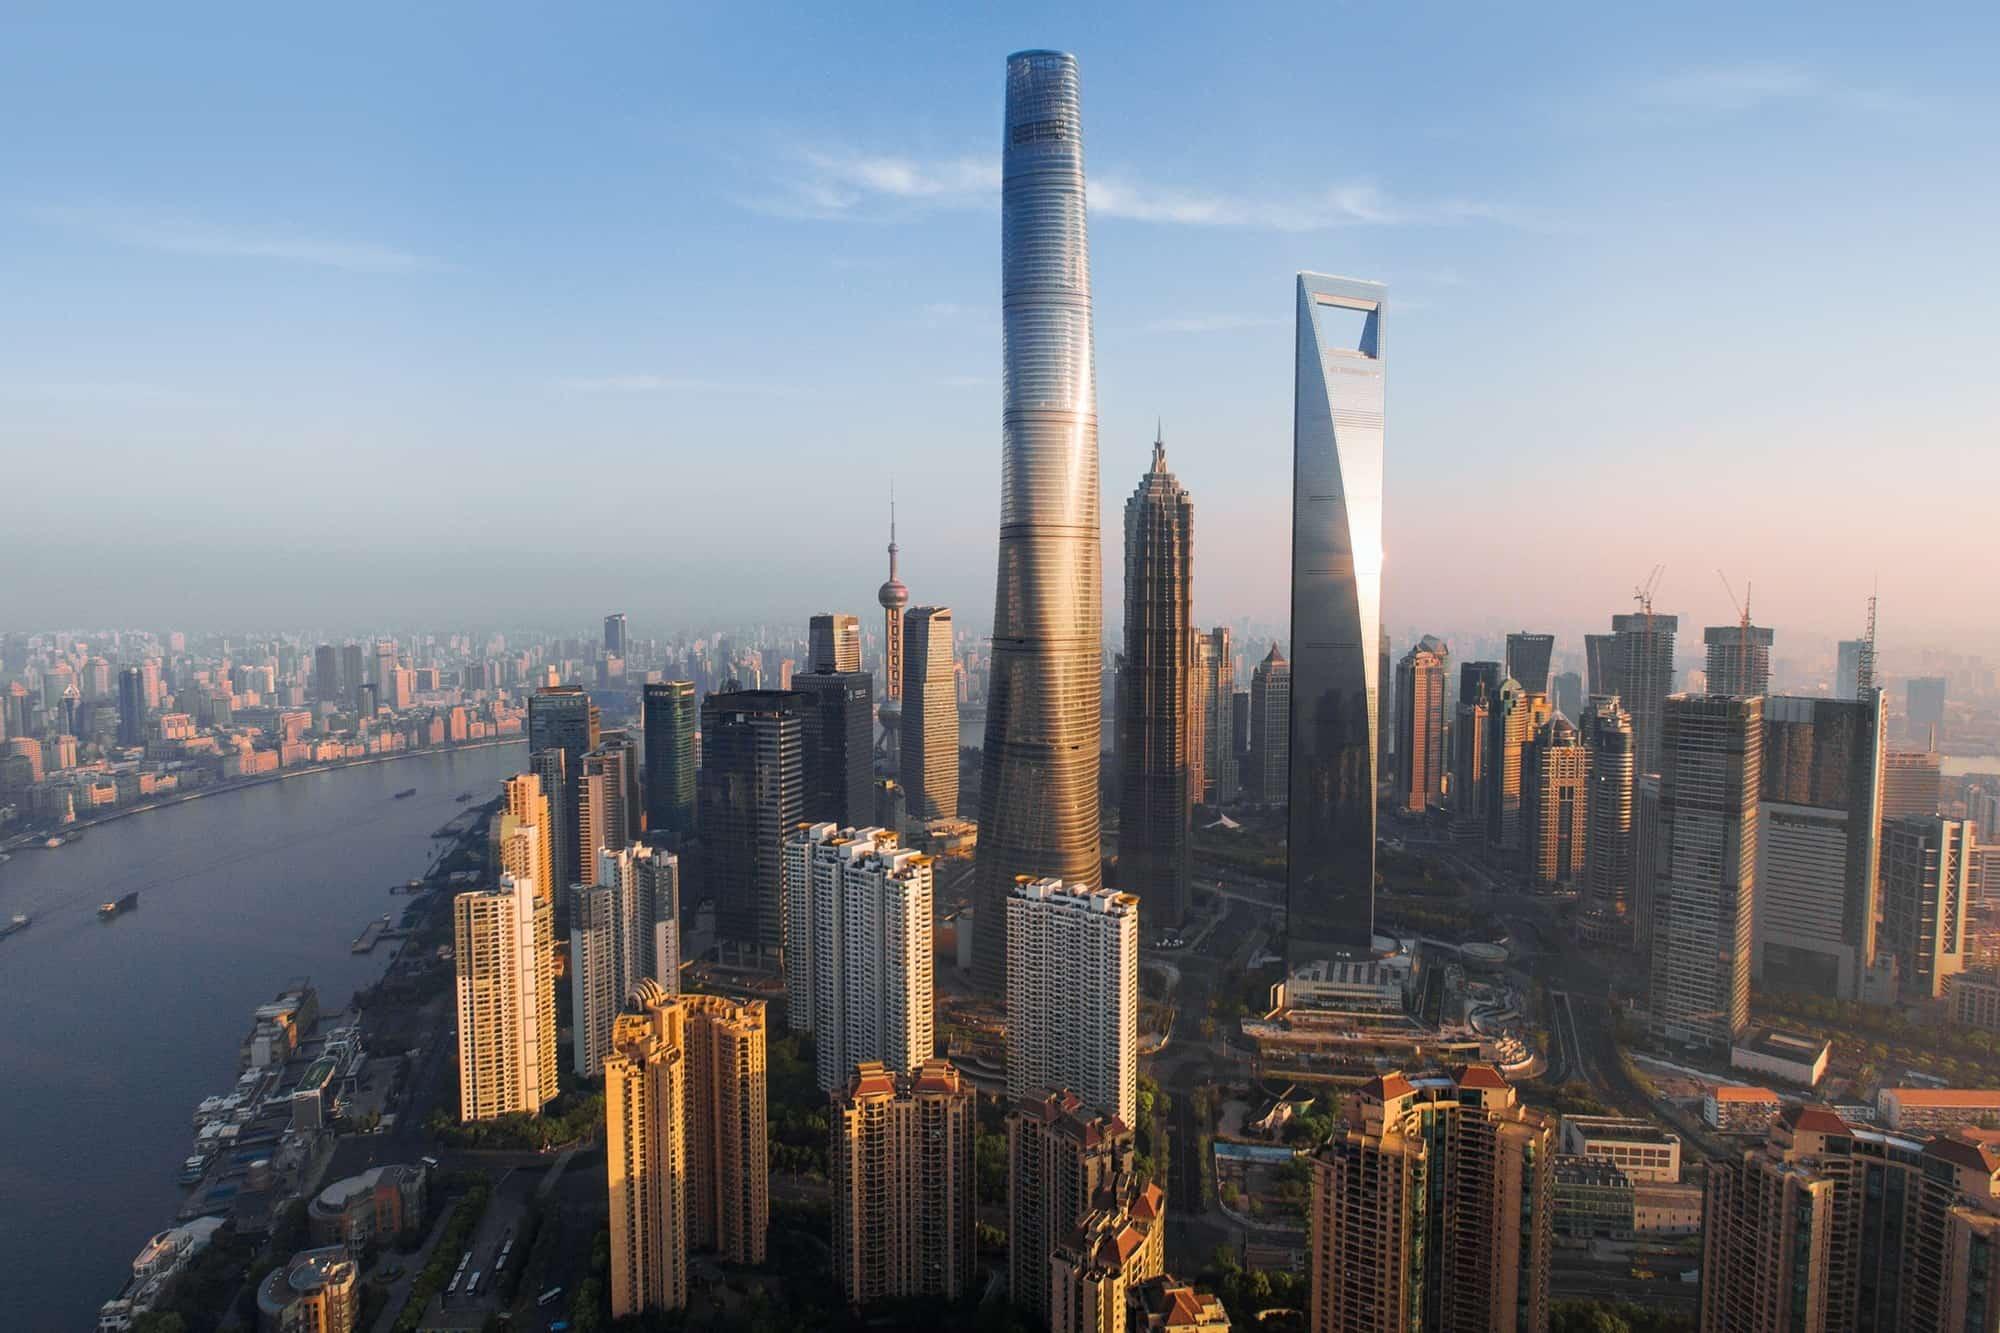 design shanghai 2019 Design Shanghai 2019 Design Shangai 2019 Event Guide 1456911 Shanghai tower gensler11 min